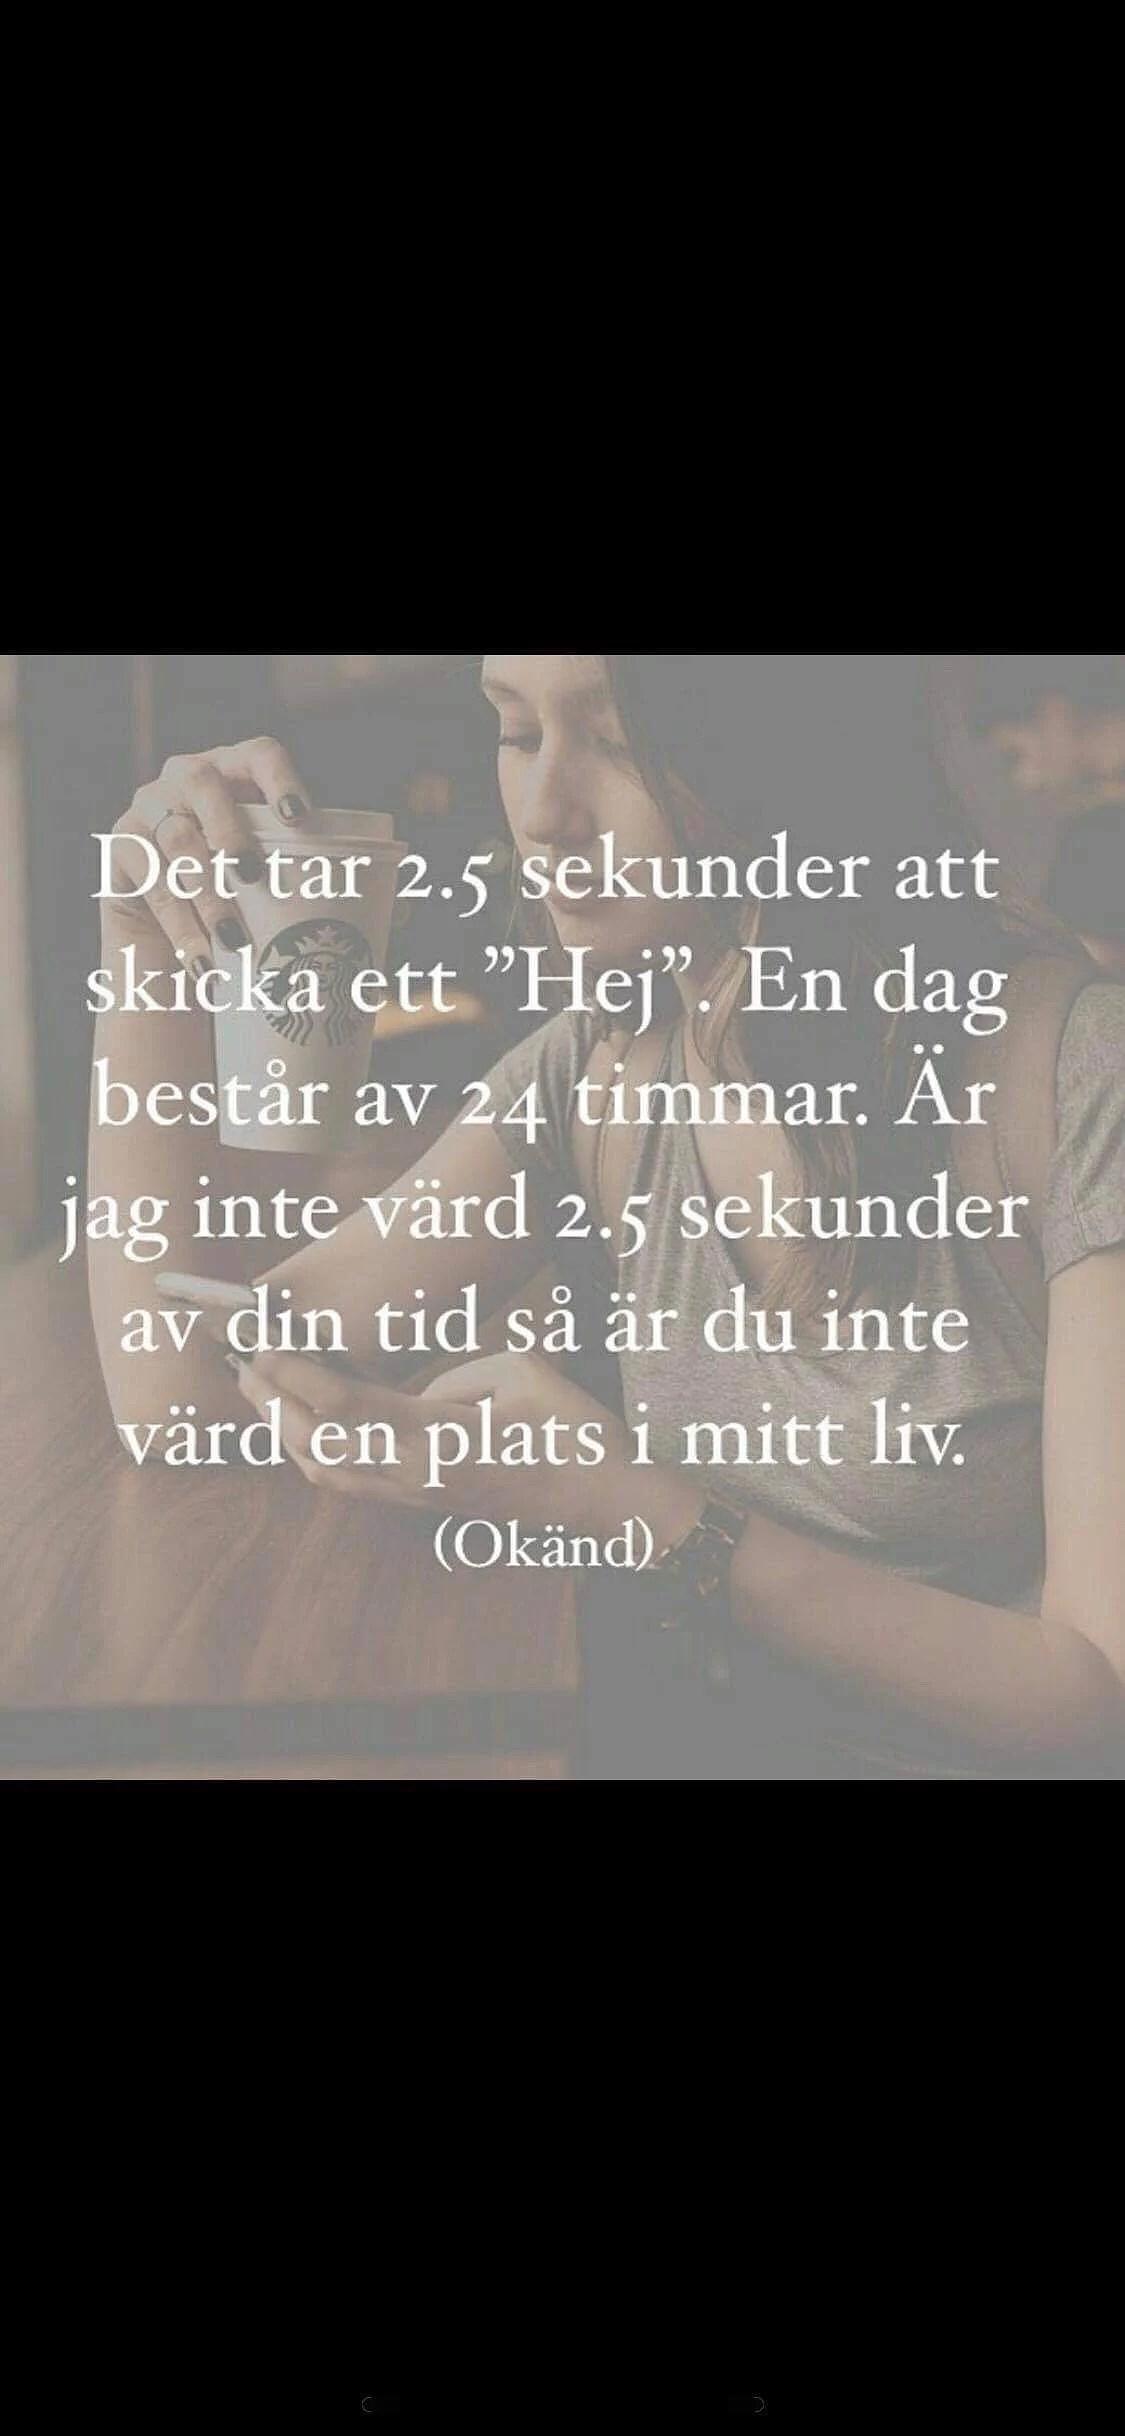 So true ❤️❤️❤️